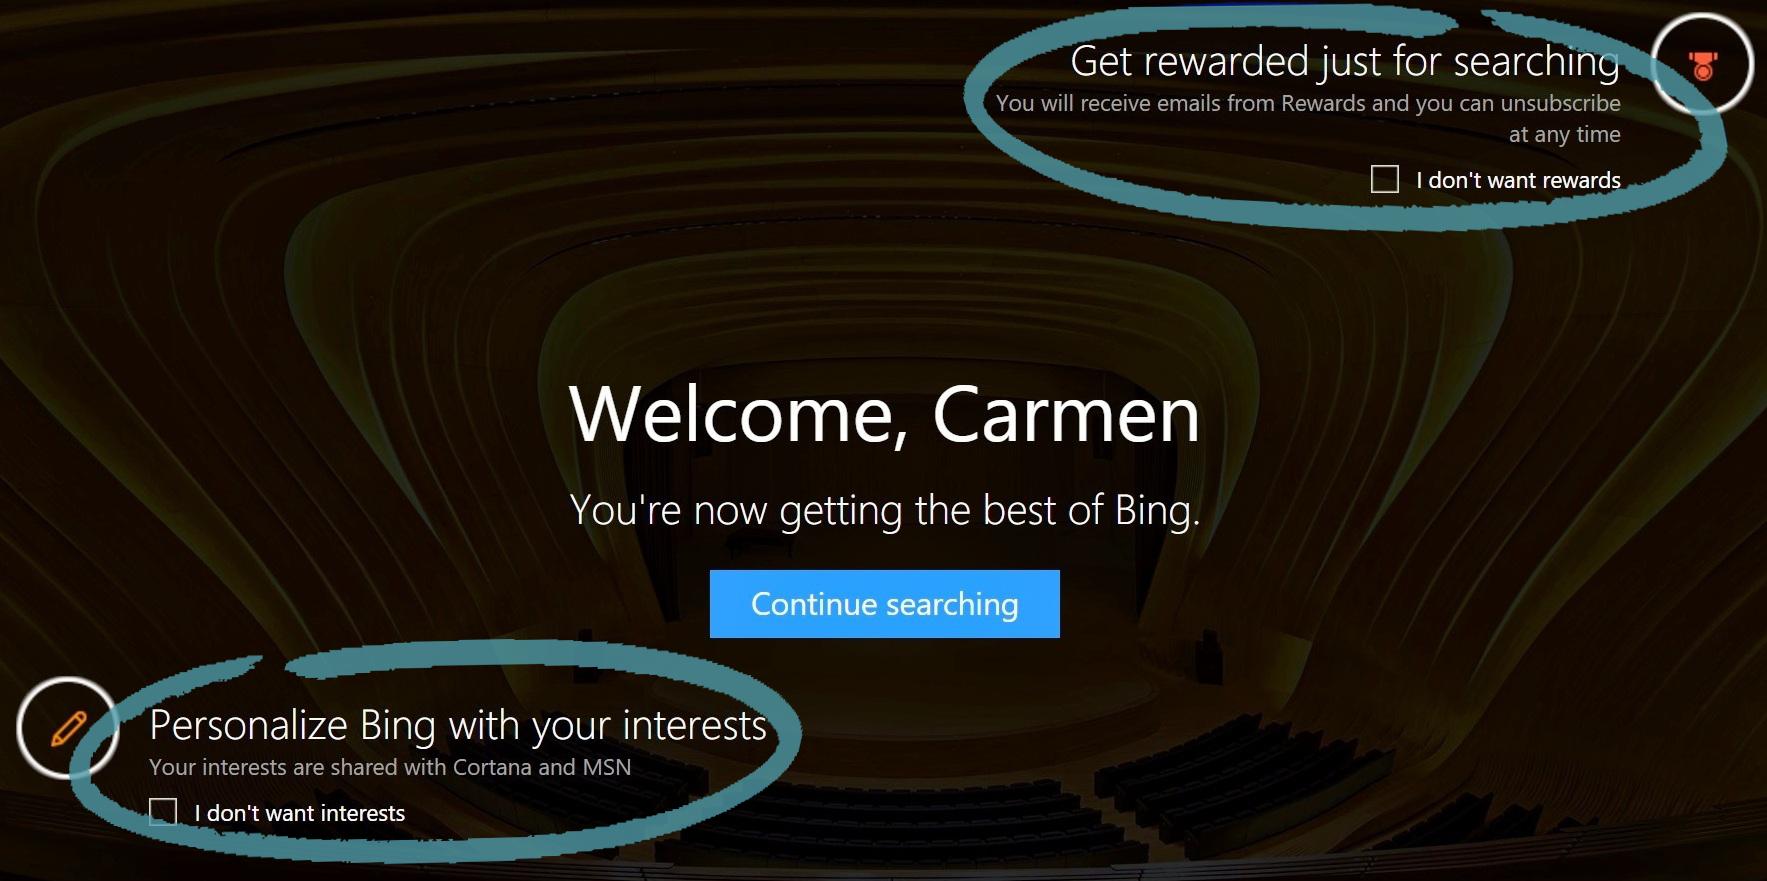 Páxina de inicio de Bing coa participación en Premios e intereses